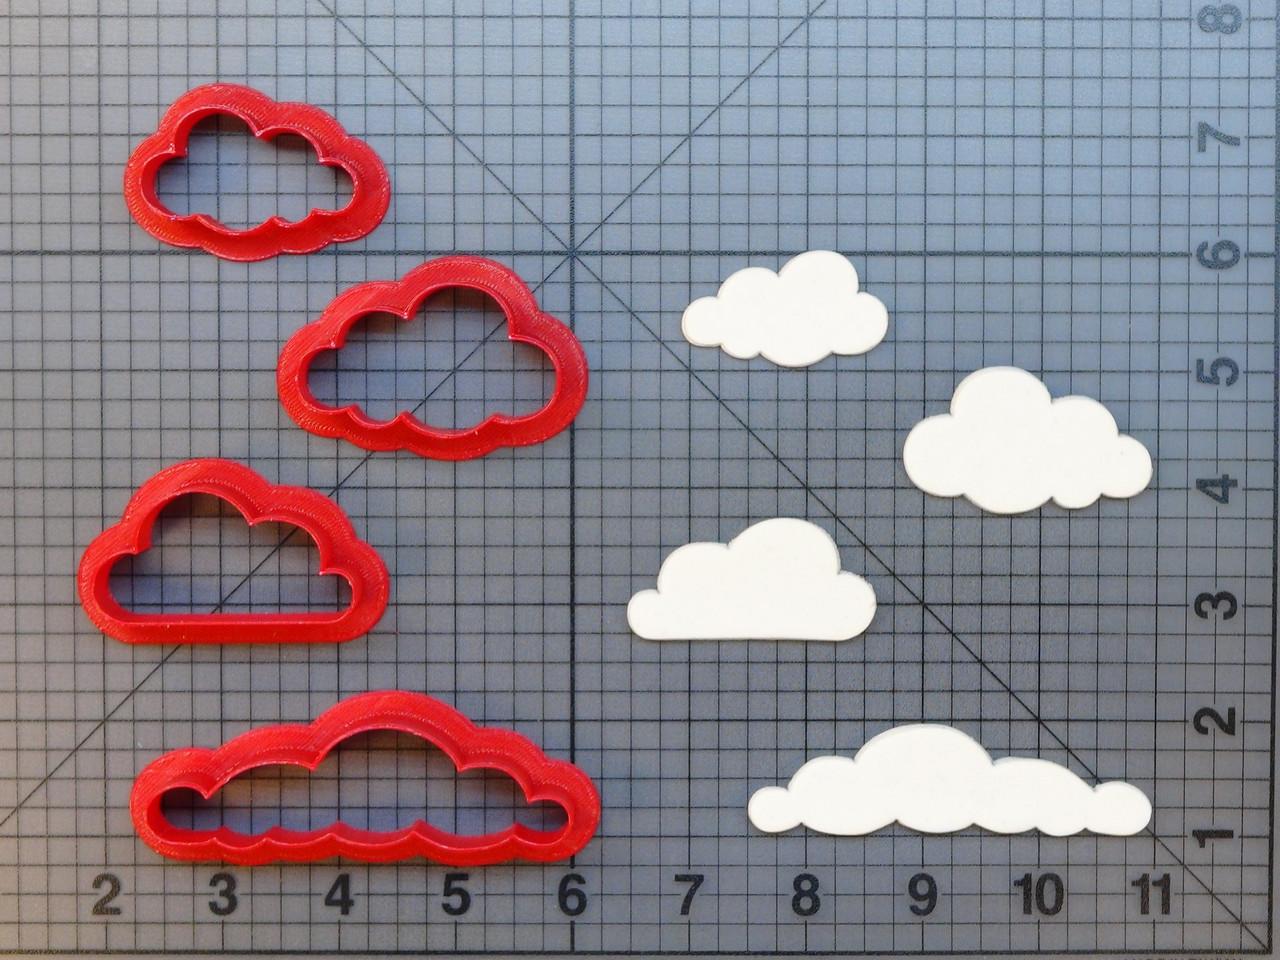 Набір вирубки - хмари різних форм(4шт). Пластикові вирубки. Вирубка під замовлення. Різаки для пряників.